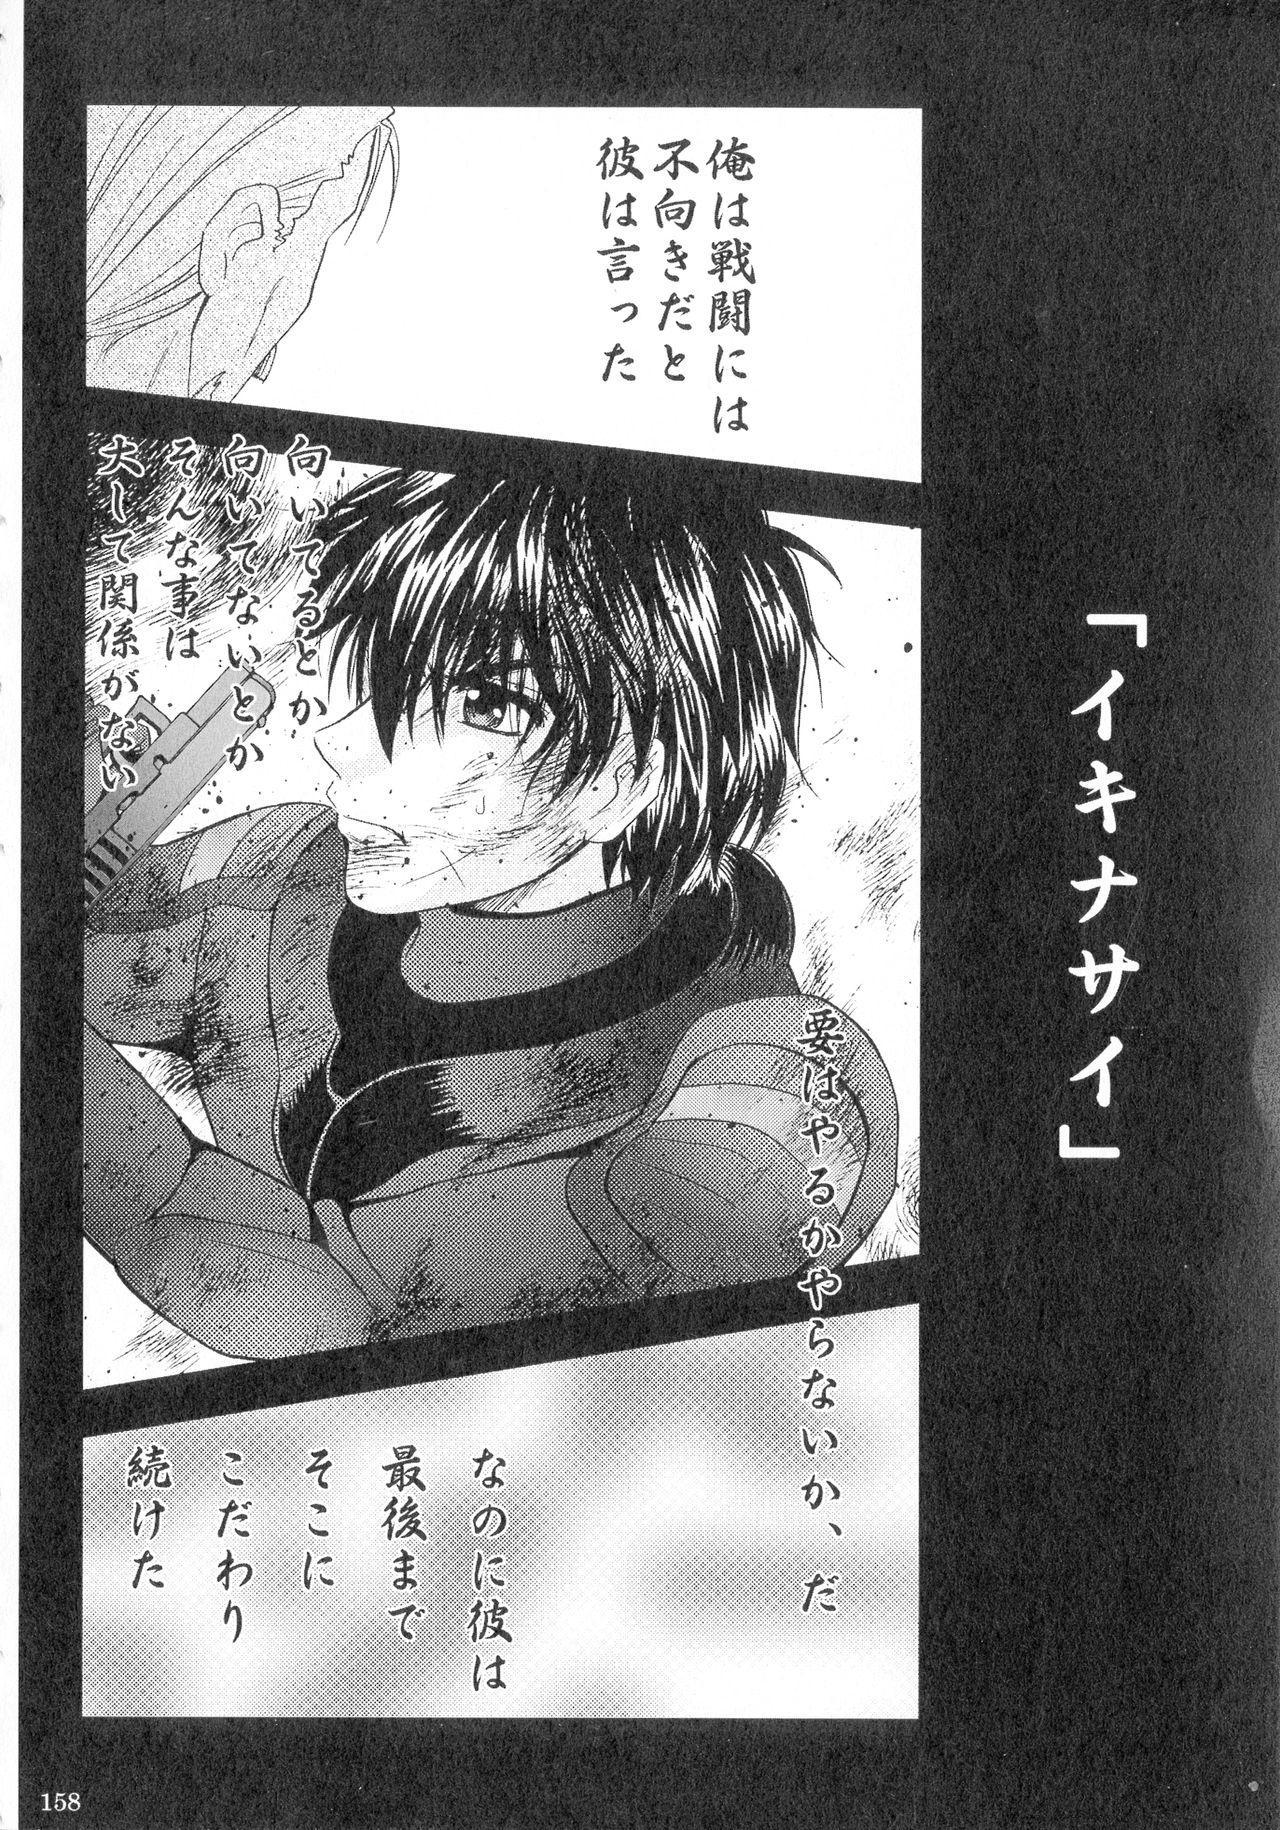 SEXY PANIC Sairokushuu Vol. 4 158